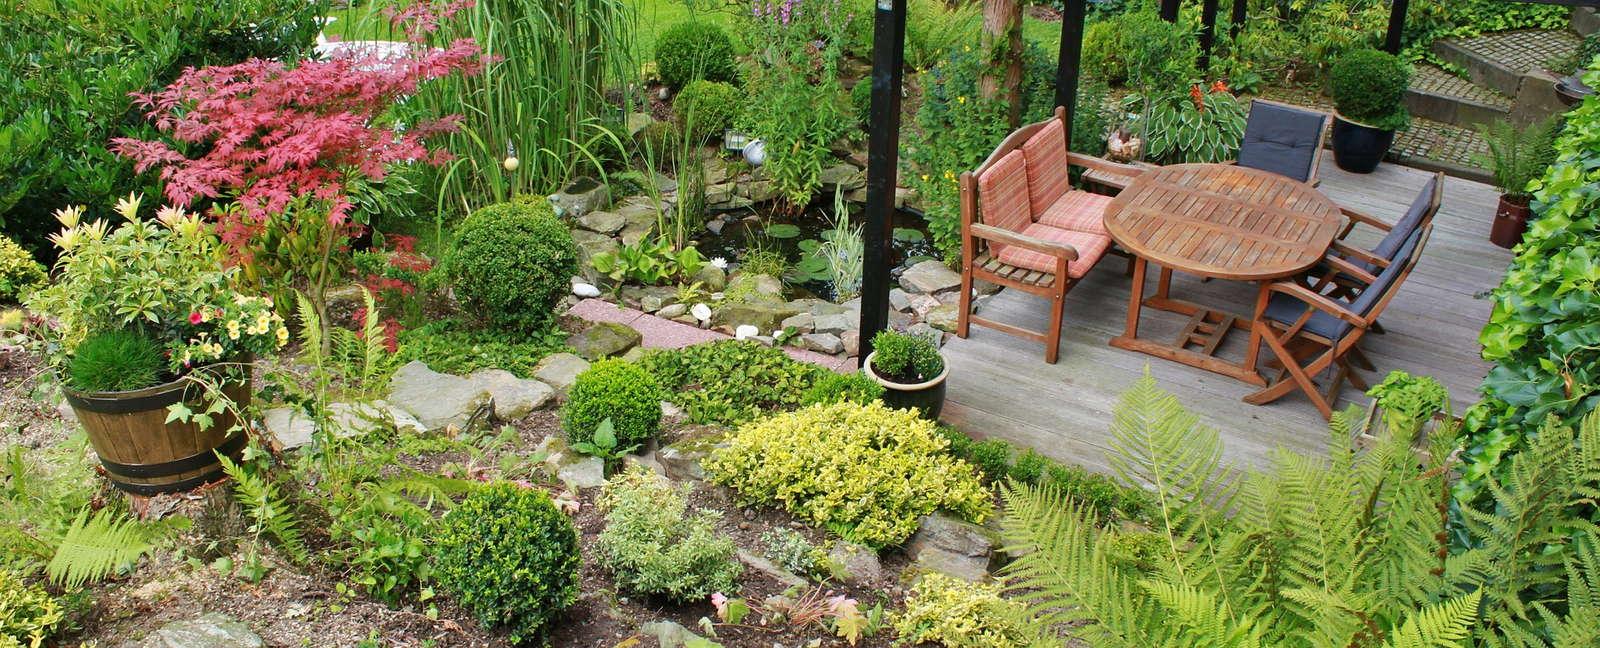 Eine Wellnessoase Im Eigenen Garten Anlegen Plantura